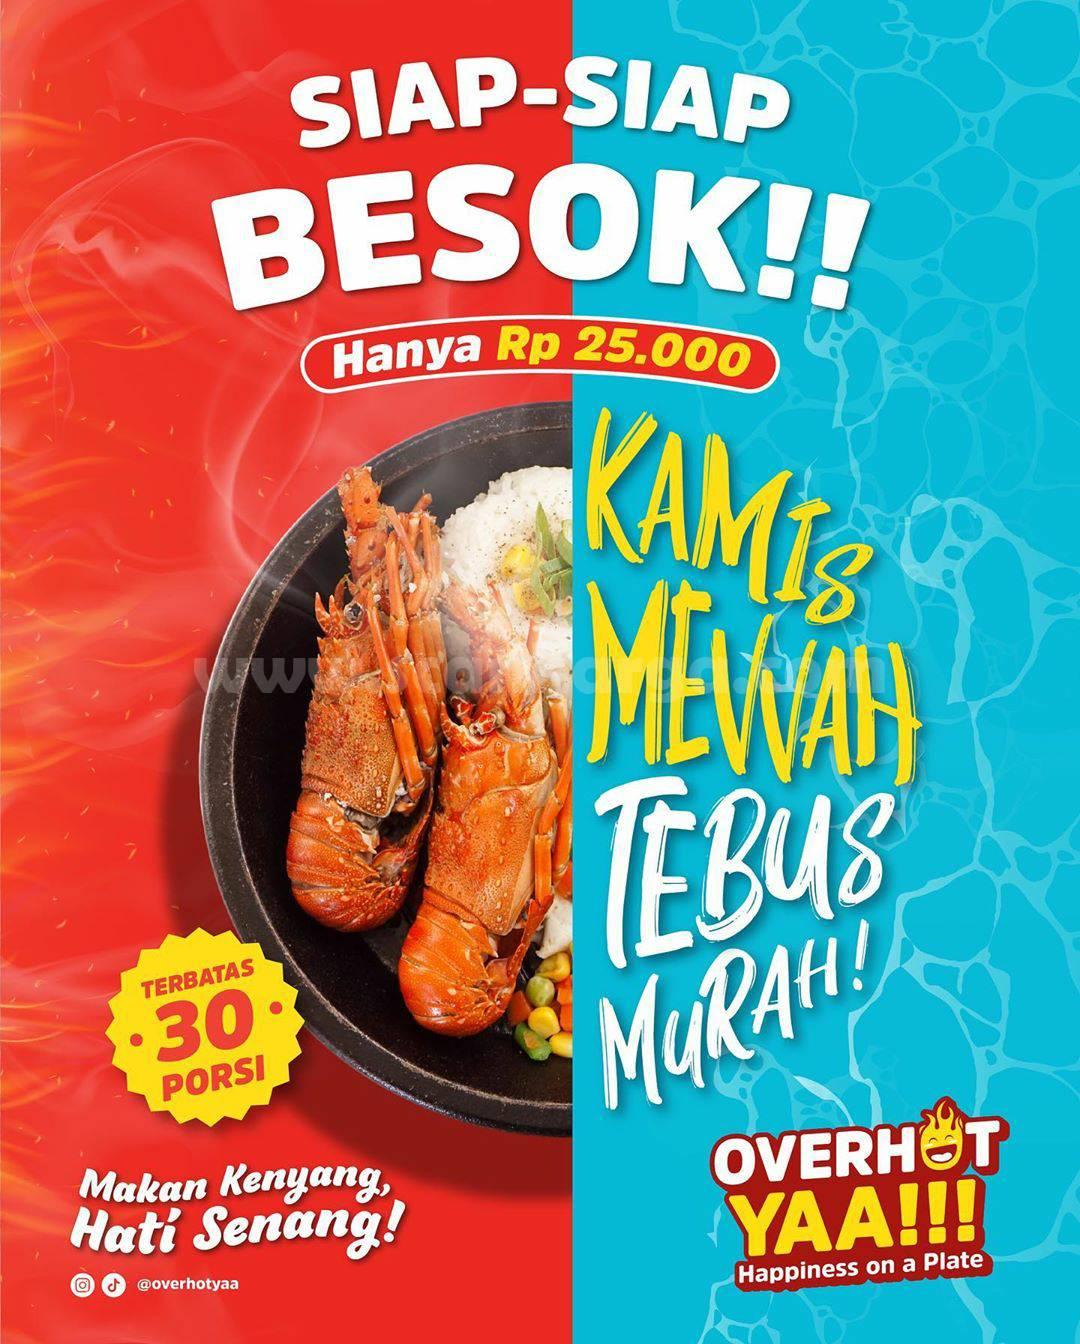 Promo Overhot Yaa Kamis Mewah Tebus Murah - Makan Lobster di Hotplate Cuma Rp 25.000